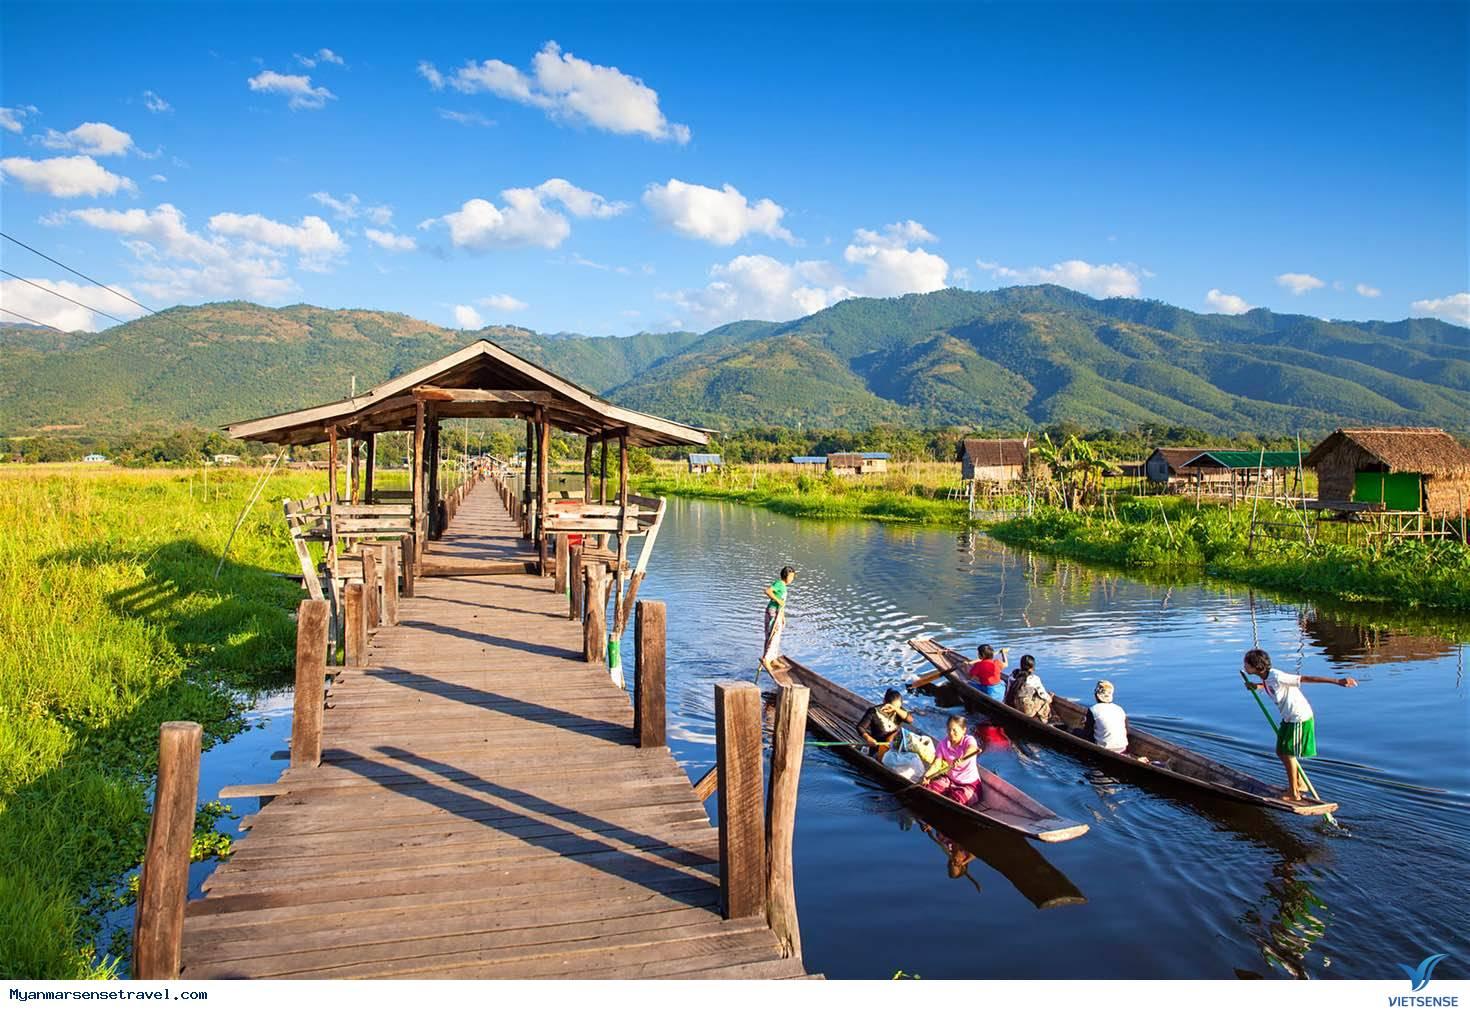 Lạc vào thế giới mộng ảo - hồ Inle của Myanmar,lac vao the gioi mong ao  ho inle cua myanmar